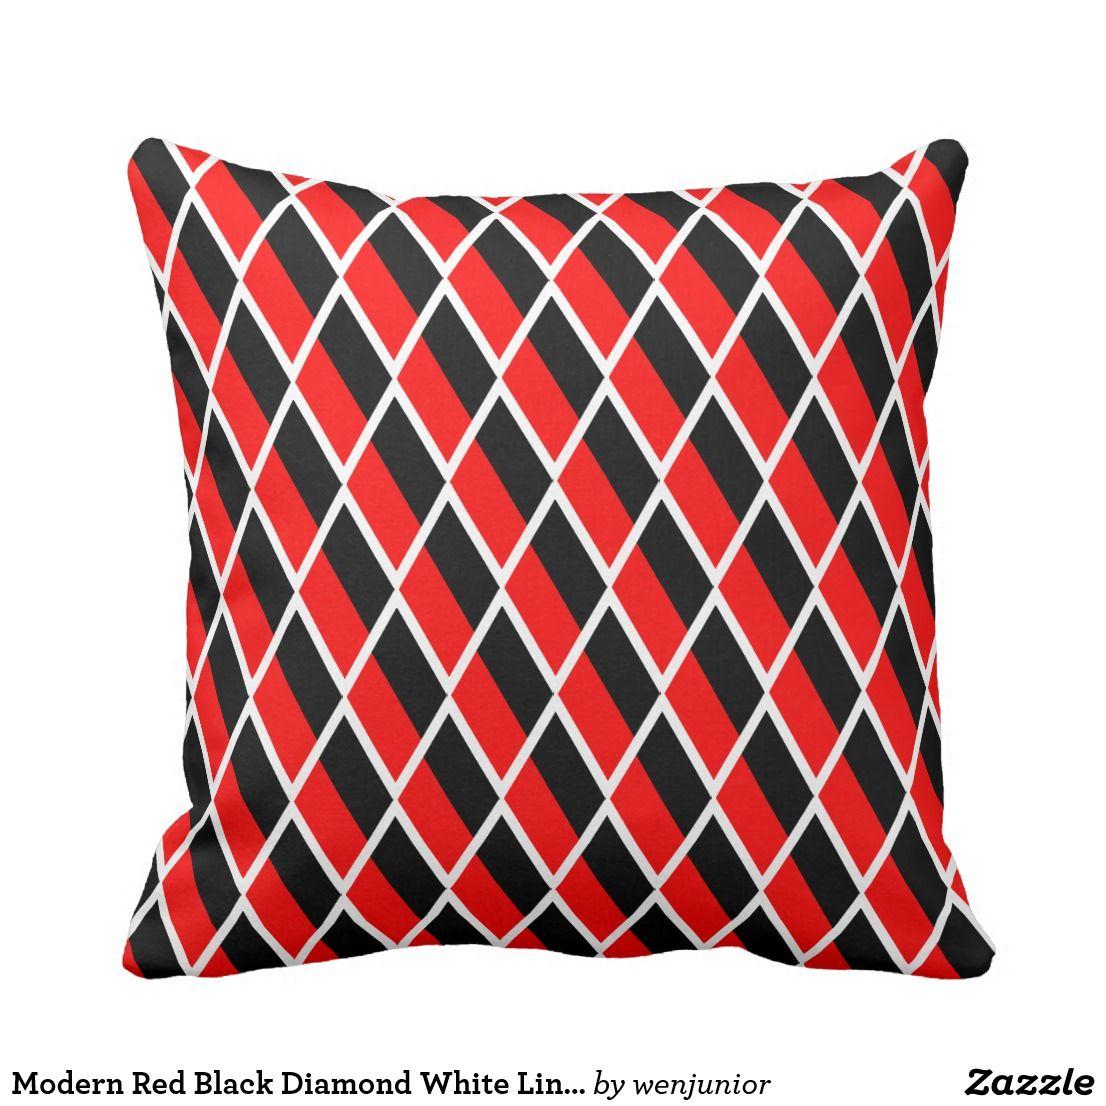 Modern Red Black Diamond White Line Pattern Custom Throw Pillow Pillows Stylish Pillows Decorative Throw Pillows